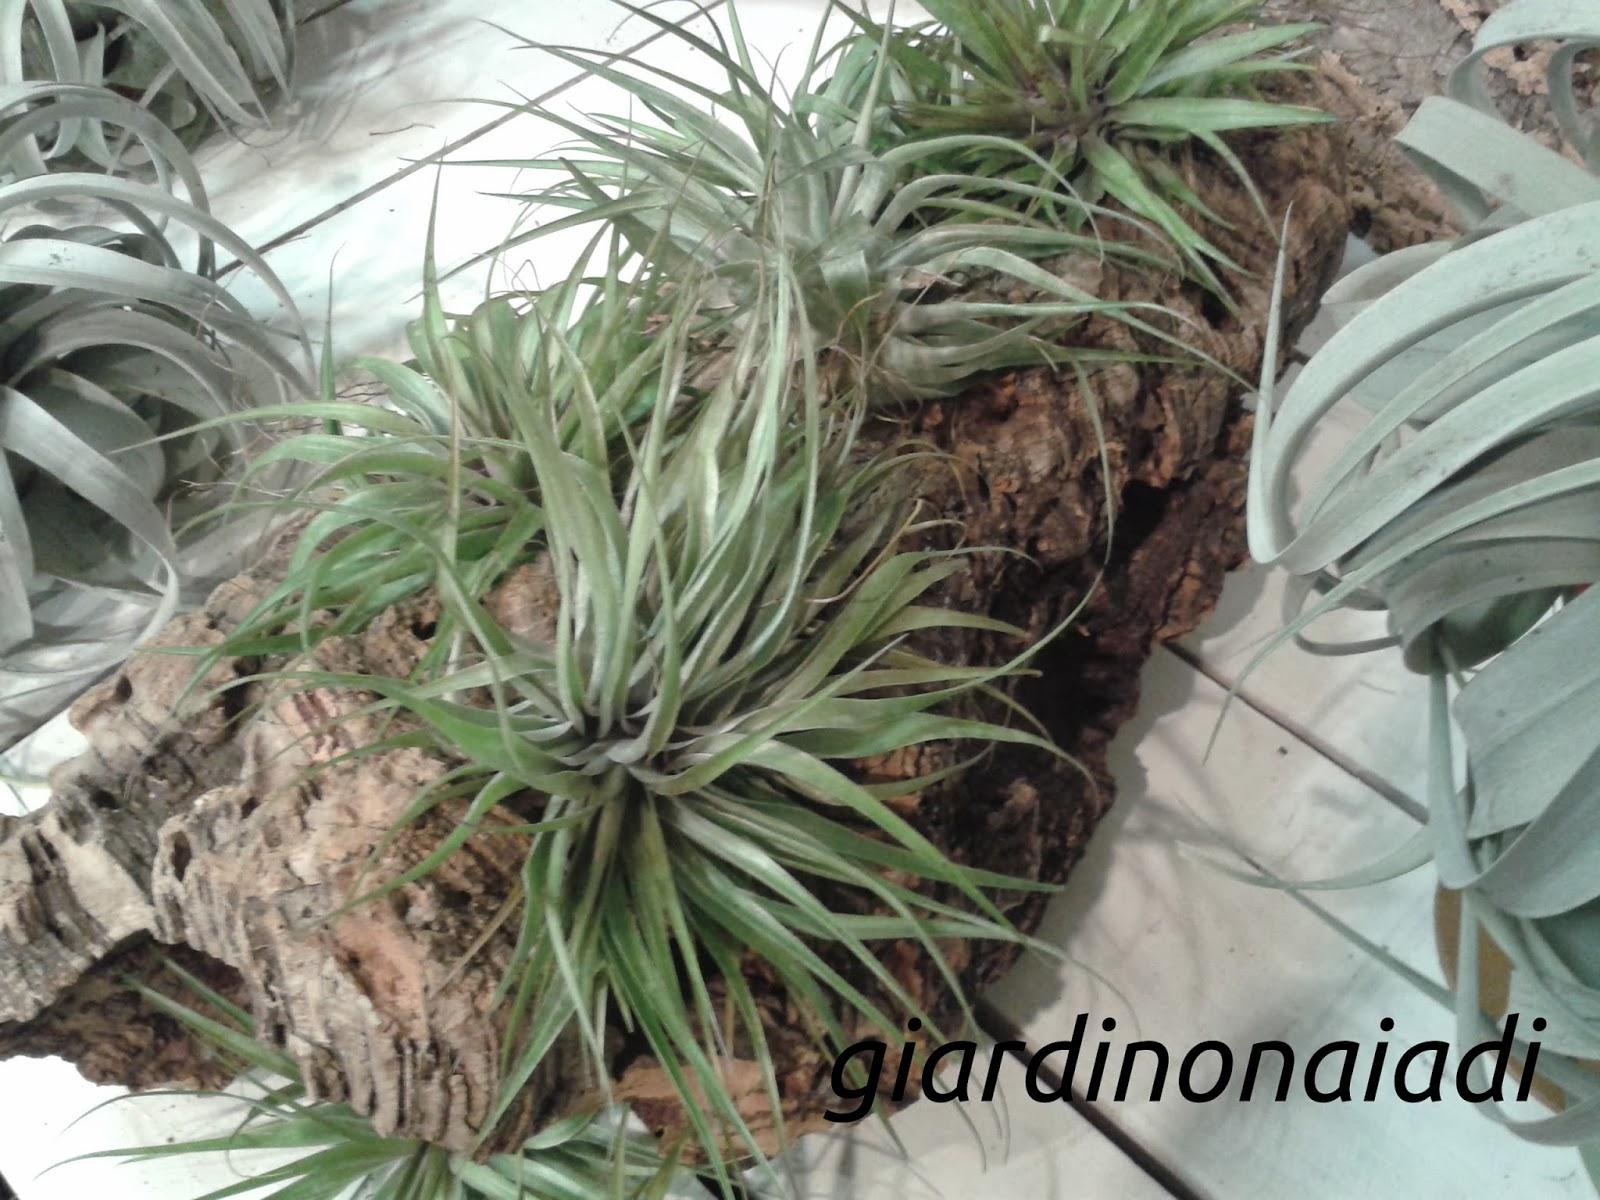 Il giardino delle naiadi tillandsie le figlie dell 39 aria for Tillandsia pianta